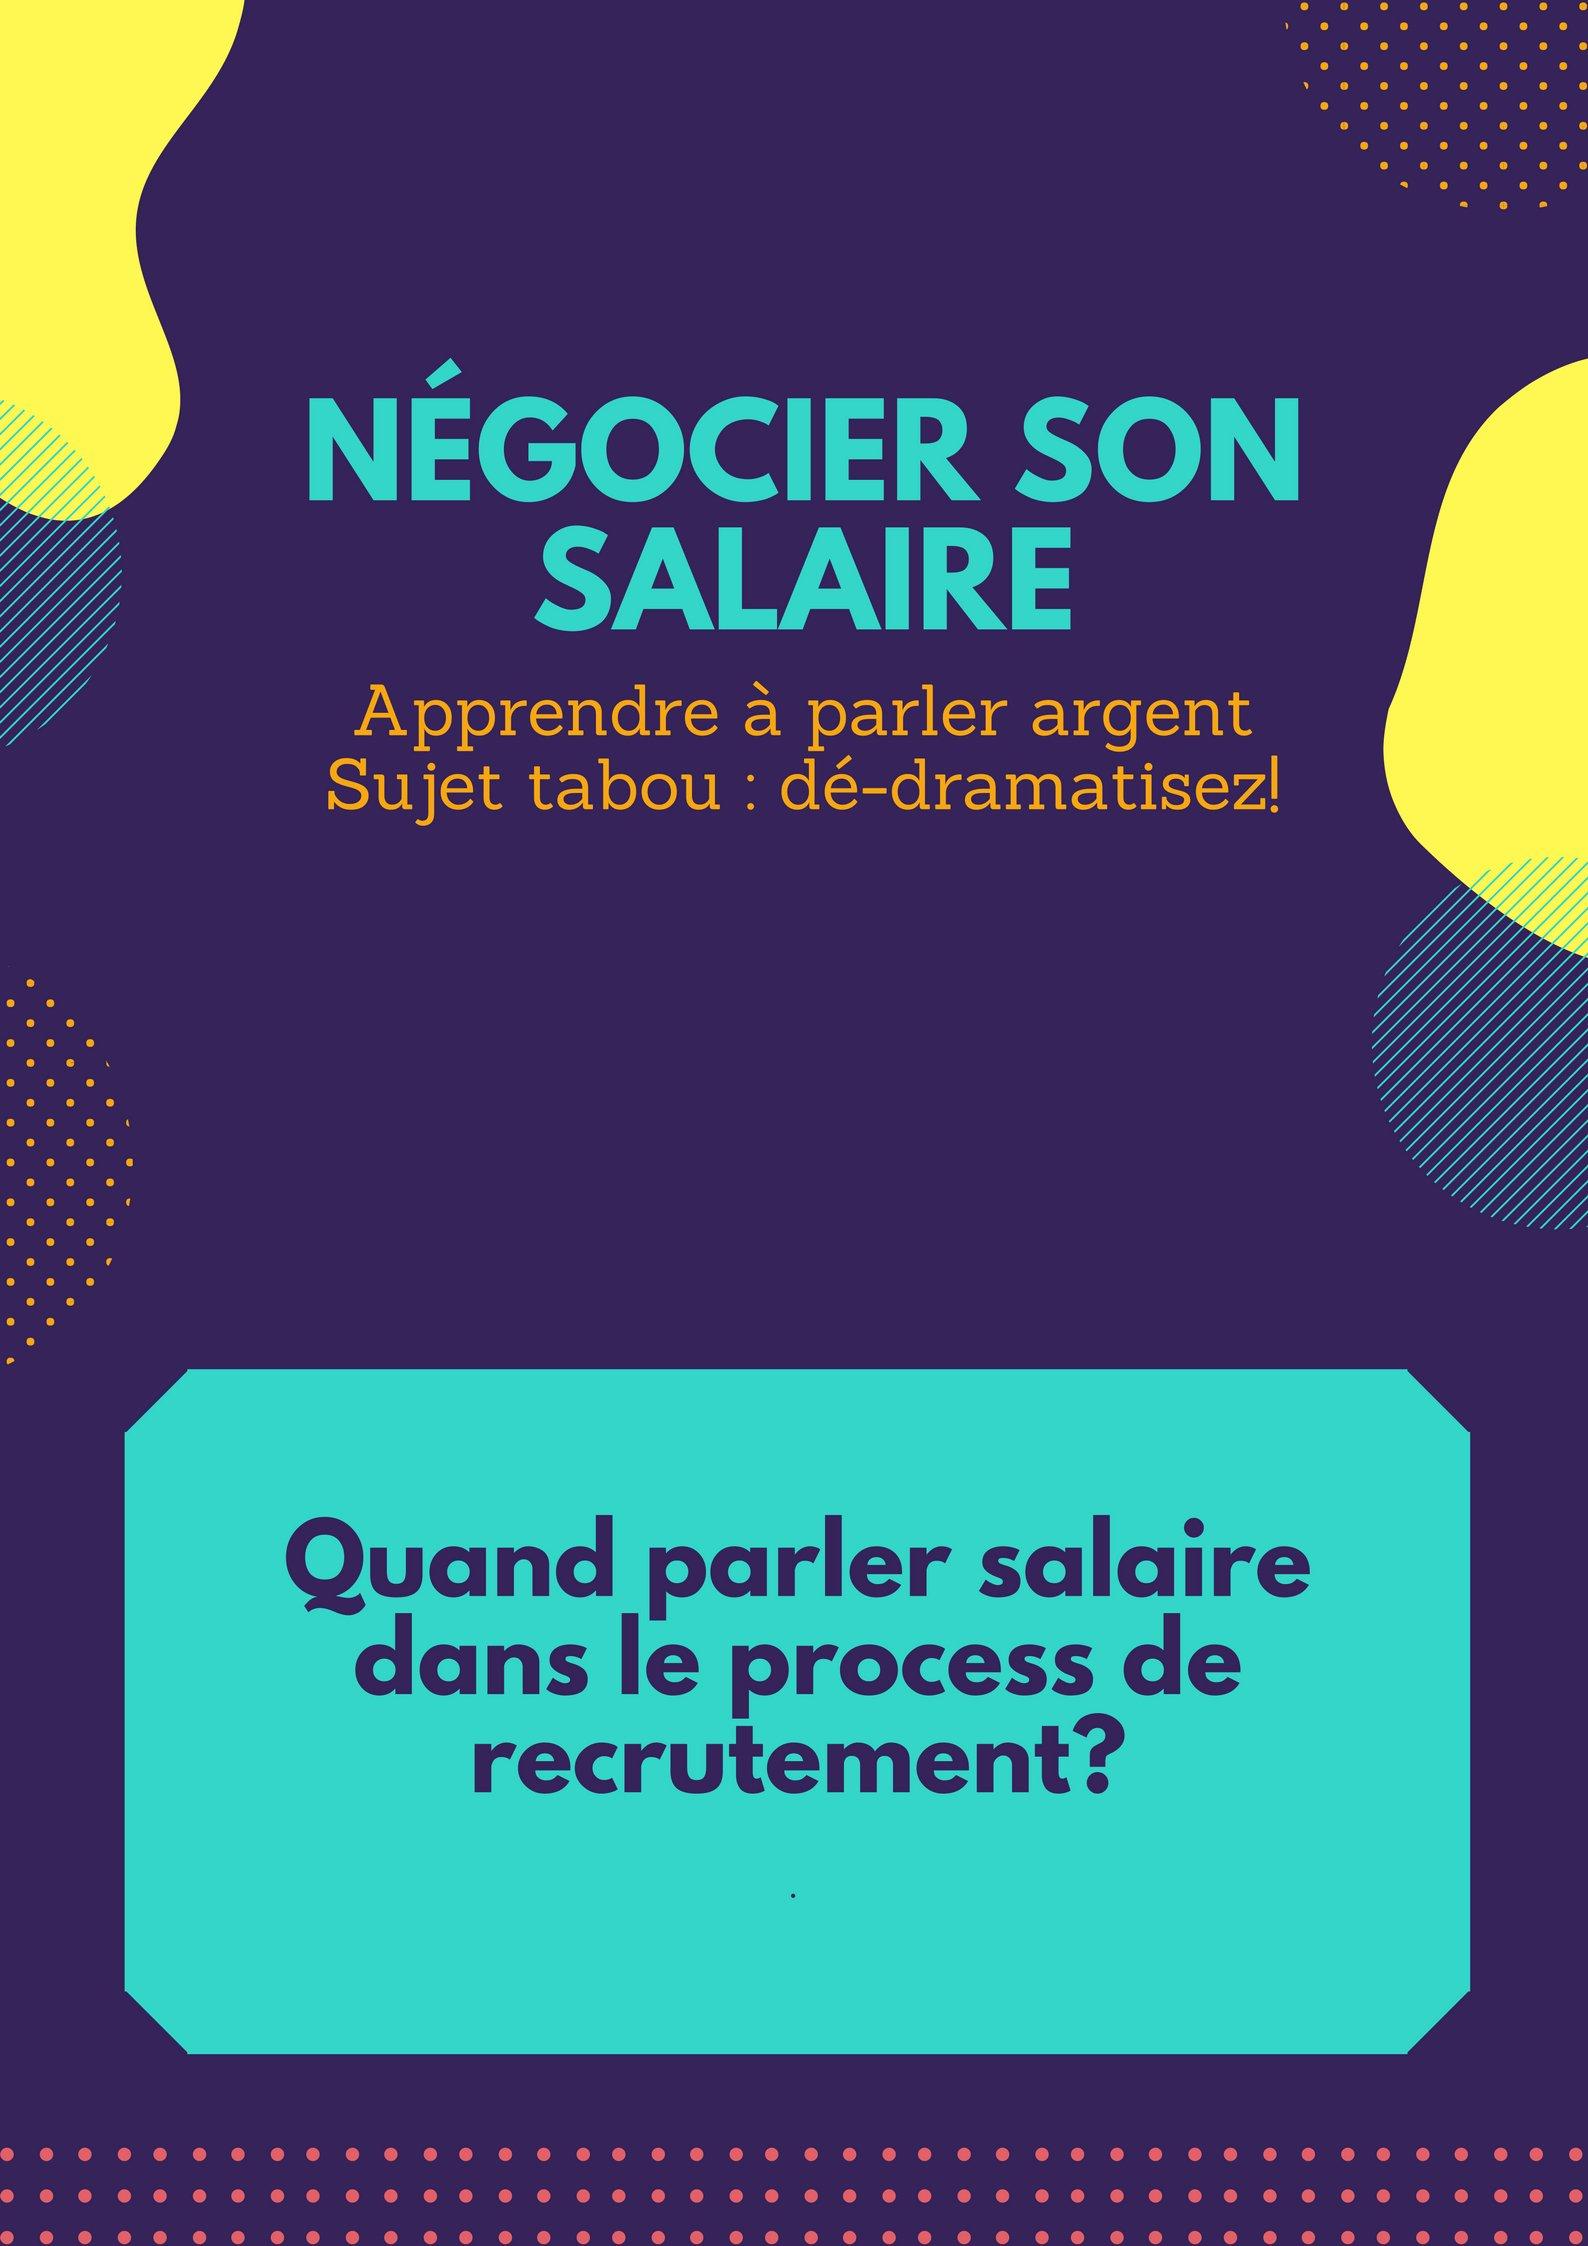 7-Salaire-Négocier-Fiche